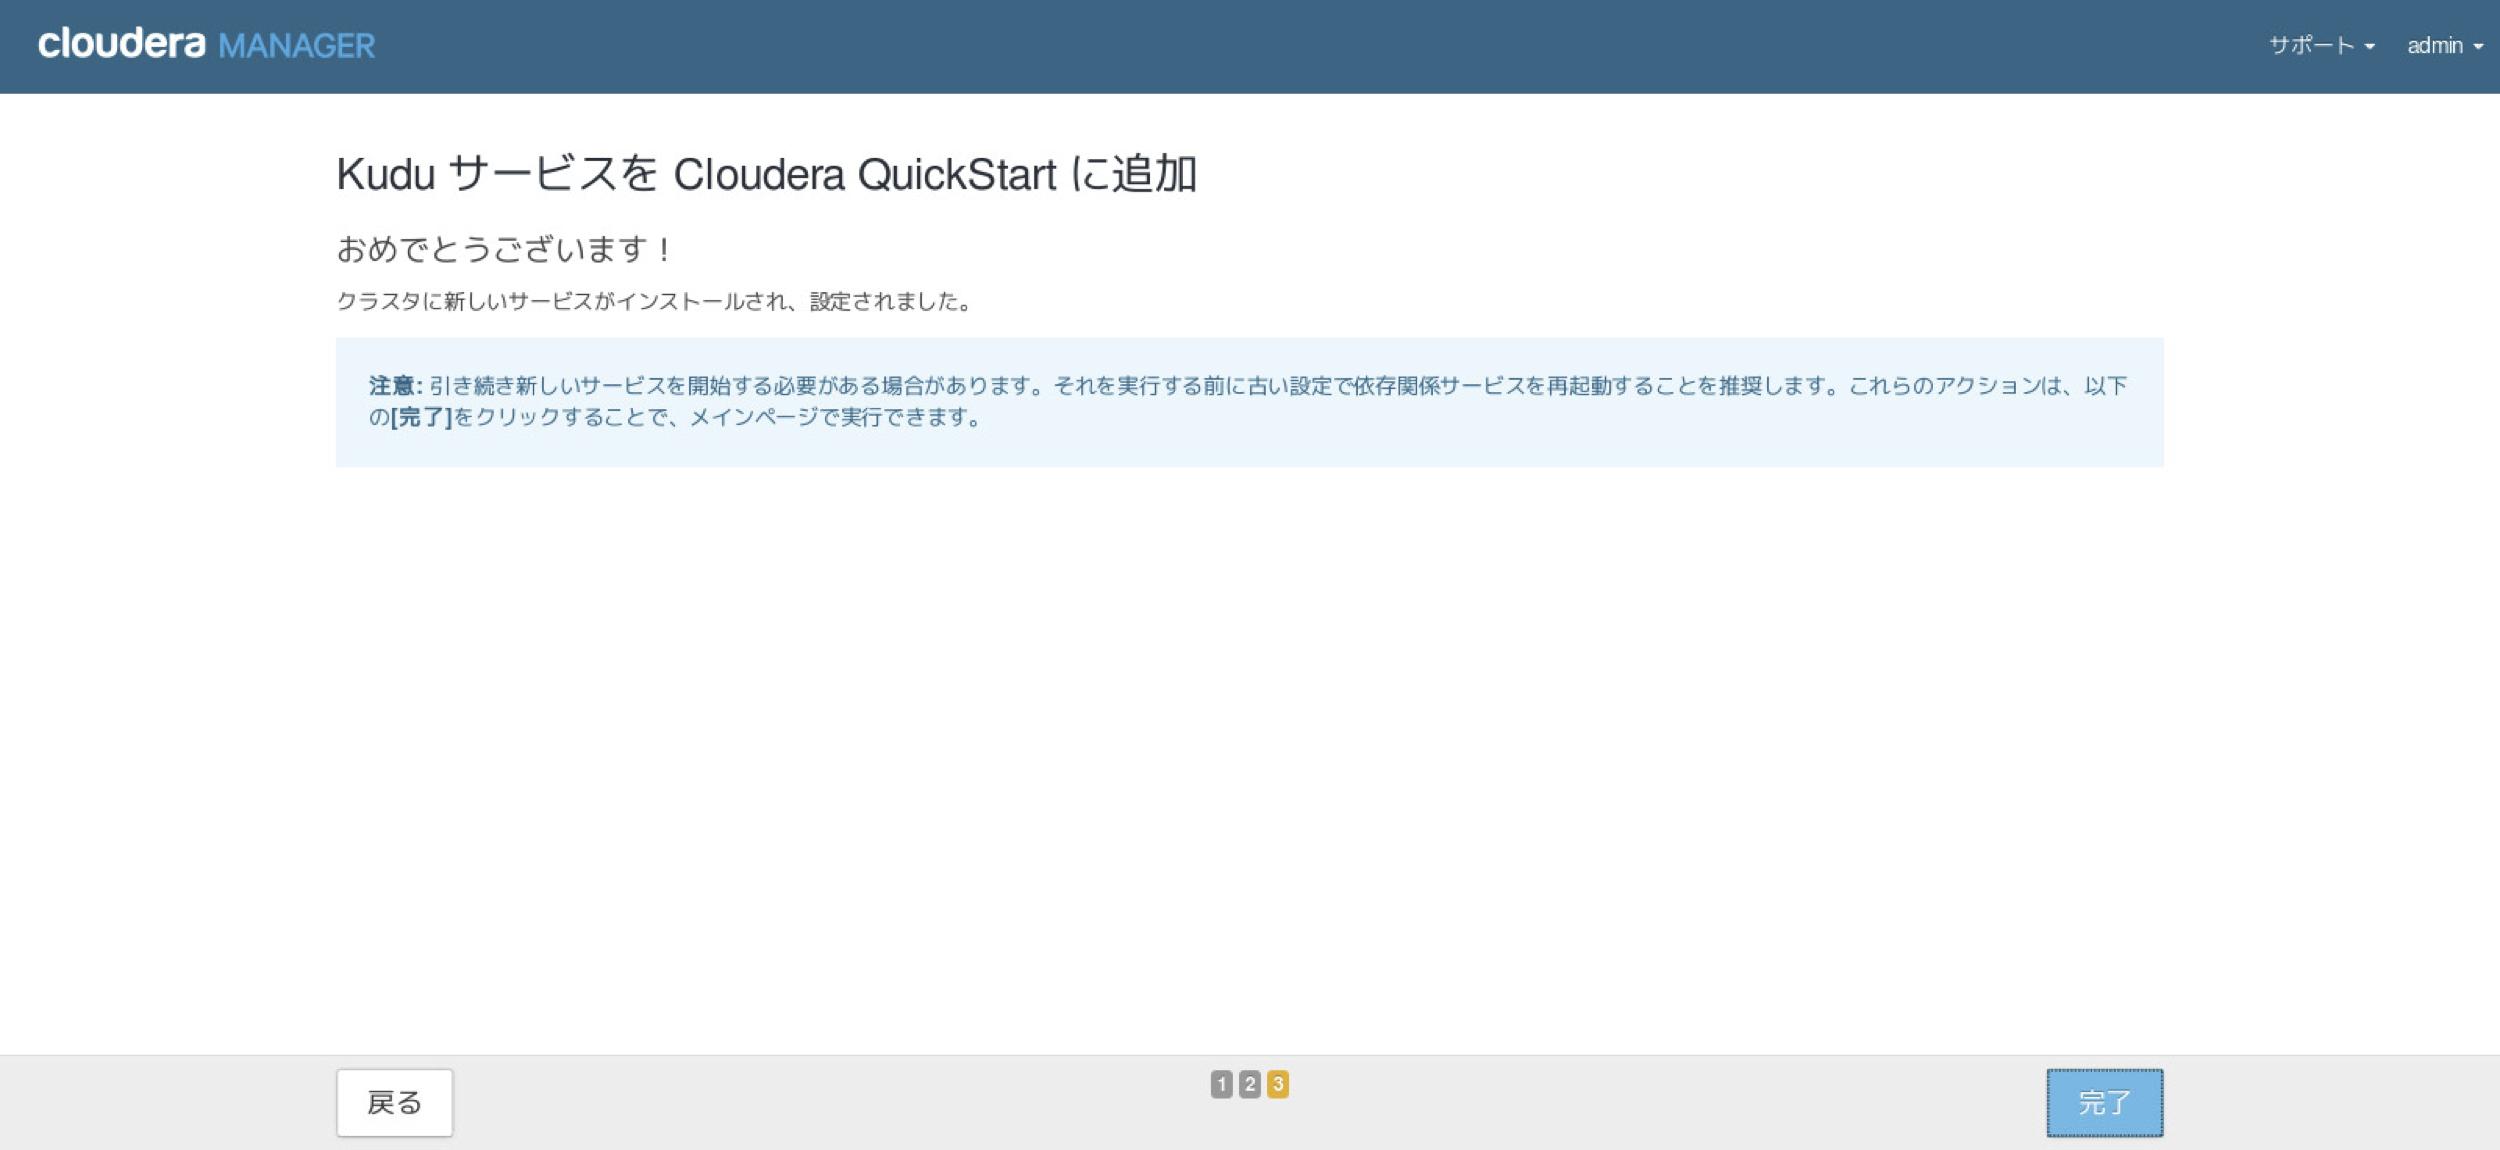 FireShot Capture 025 - Kudu サービスを Clo__ - http___quickstart.cloudera_7180_cm.png